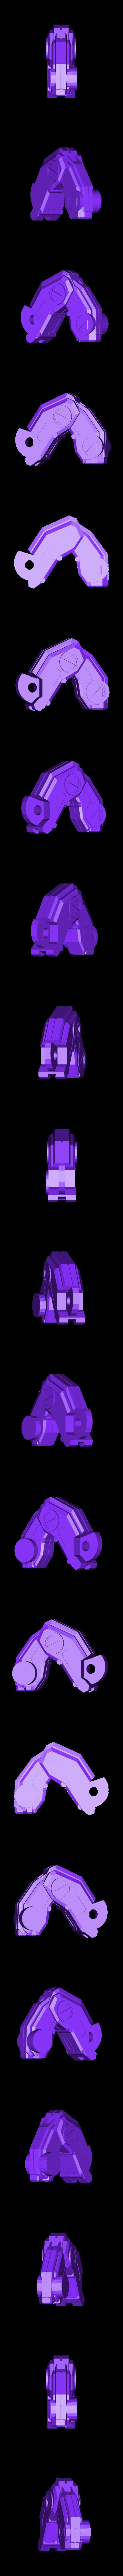 Linebacker_Left_Upper_Leg.stl Download free STL file MechWarrior Linebacker • 3D printable model, mrhers2